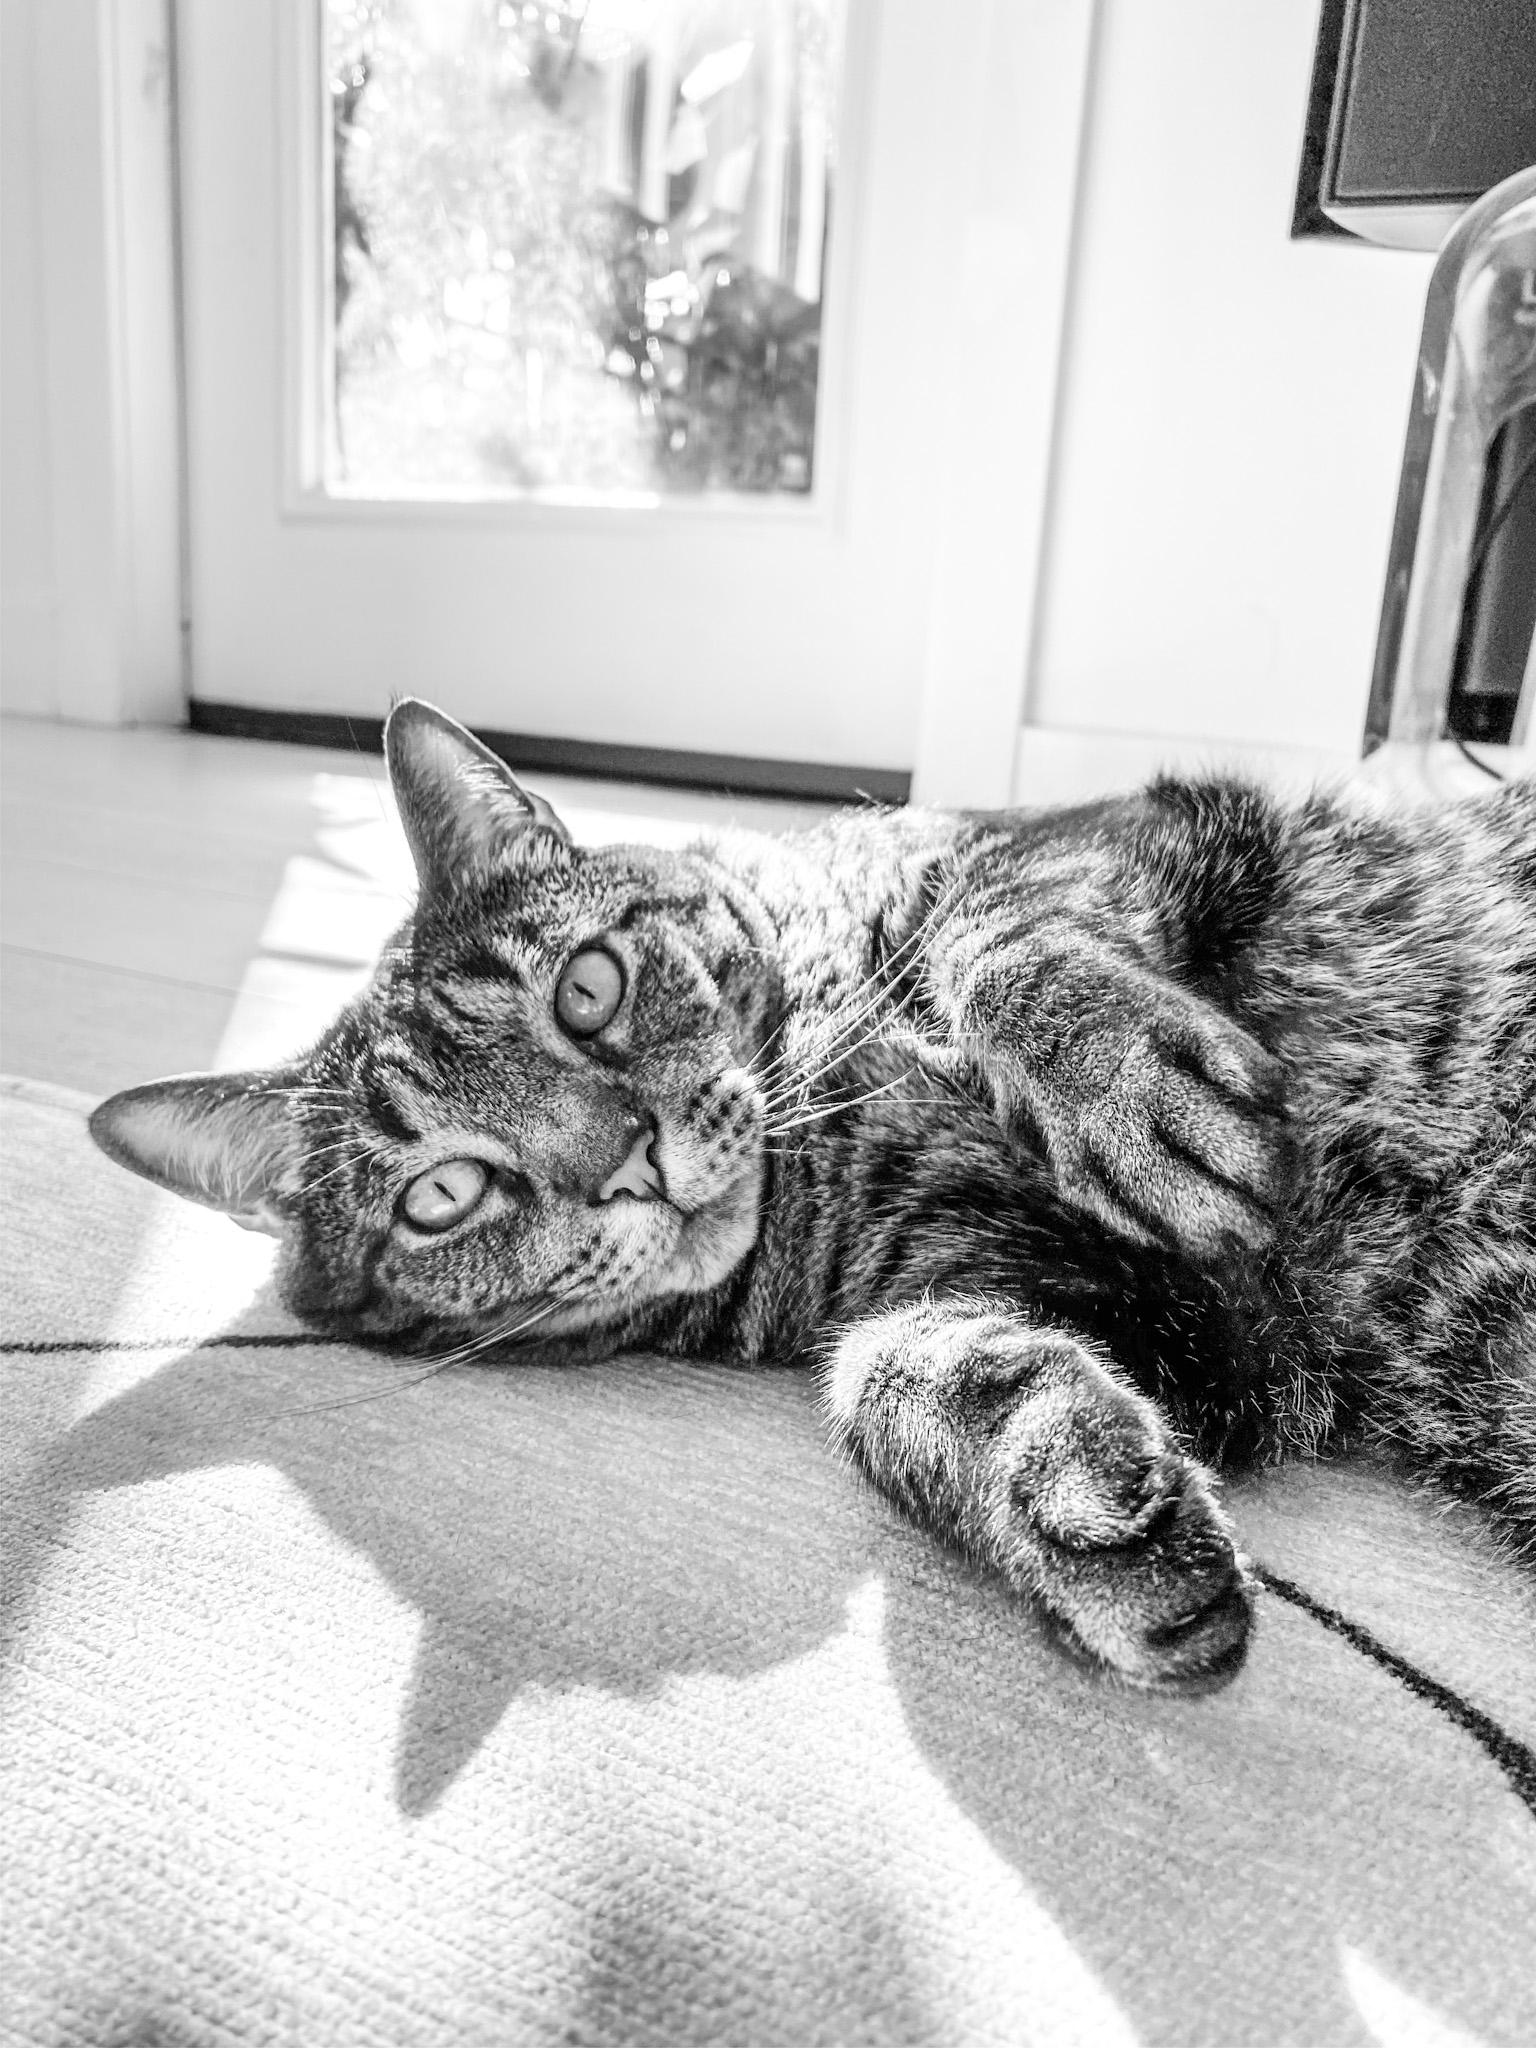 sochi cat morning rolls